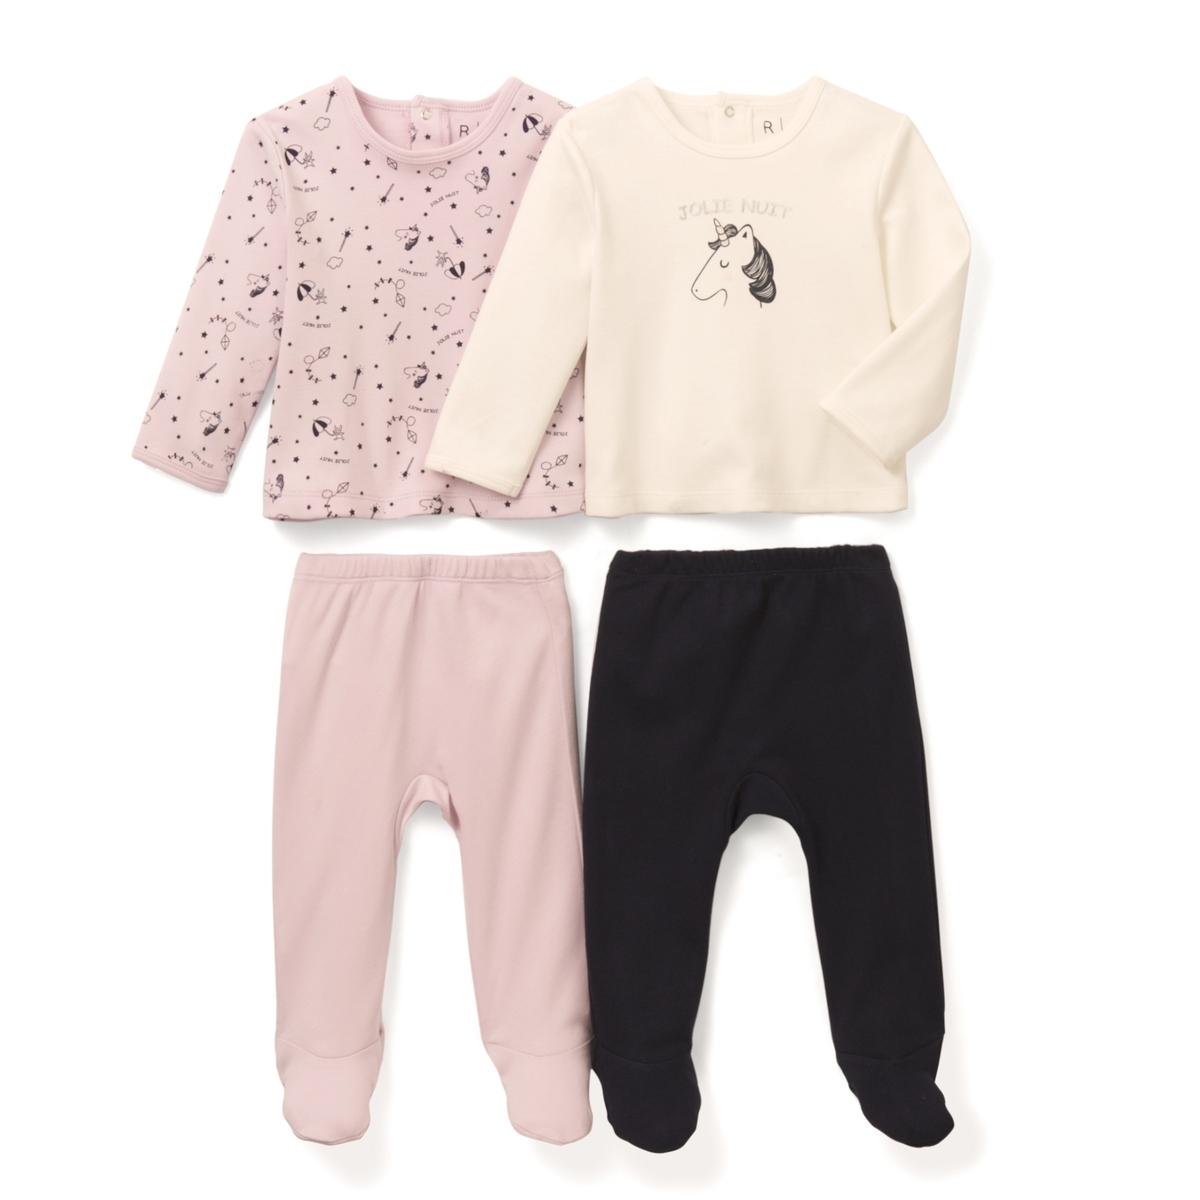 2 пижамы из 2 предметов из хлопка, 0 мес. - 3 годаПижама из 2 предметов из хлопка. В комплекте 2 пижамы: 1 пижама с футболкой с длинными рукавами и рисунком единорог спереди и однотонными брюками. 1 пижама с футболкой с длинными рукавами с рисунком и однотонными брюками.Застежка на пуговицы вверху сзади. Брюки с эластичным поясом. Носочки с покрытием против скольжения от 12 мес. (74 см), эластичные сзади для лучшей поддержки. Планка застежки на пуговицы для соединения верха и низа. Верх пижамы без этикетки, чтобы не вызывать раздражение или зуд на коже ребенка. Знак Oeko-Tex*.    Состав и описание :     Материал       100% хлопок    Уход : Машинная стирка при 40 °С с вещами схожих цветов. Стирать, сушить и гладить с изнаночной стороны. Машинная сушка в умеренном режиме. Гладить при низкой температуре.    * Международный знак Oeko-tex гарантирует отсутствие вредных или раздражающих кожу веществ.<br><br>Цвет: сине-зеленый + экрю + сиреневый<br>Размер: 1 мес. - 54 см.0 мес. - 50 см.3 мес. - 60 см.6 мес. - 67 см.1 год - 74 см.9 мес. - 71 см